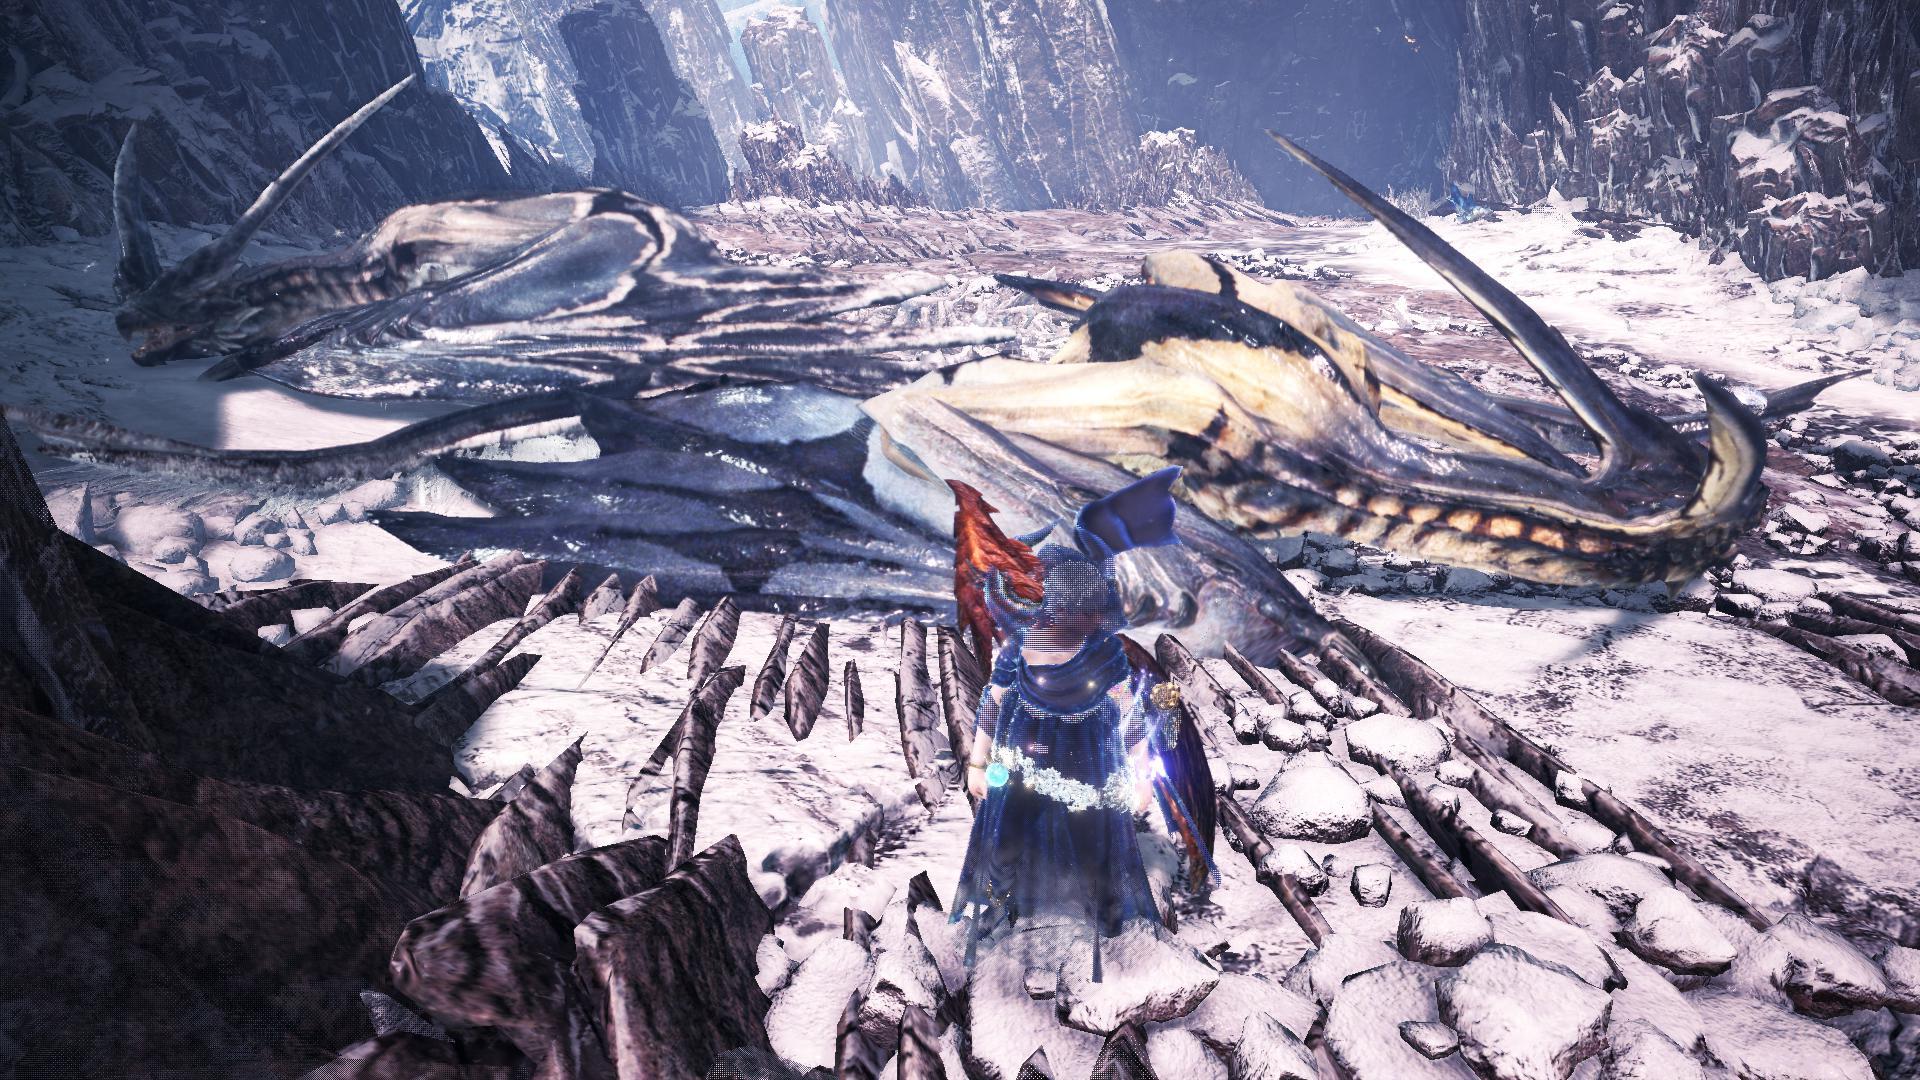 Mhwアイスボーン 凍て刺すレイギエナの攻略と弱点 毒か火で戦おう モンハンワールド ゲームウィズ Gamewith